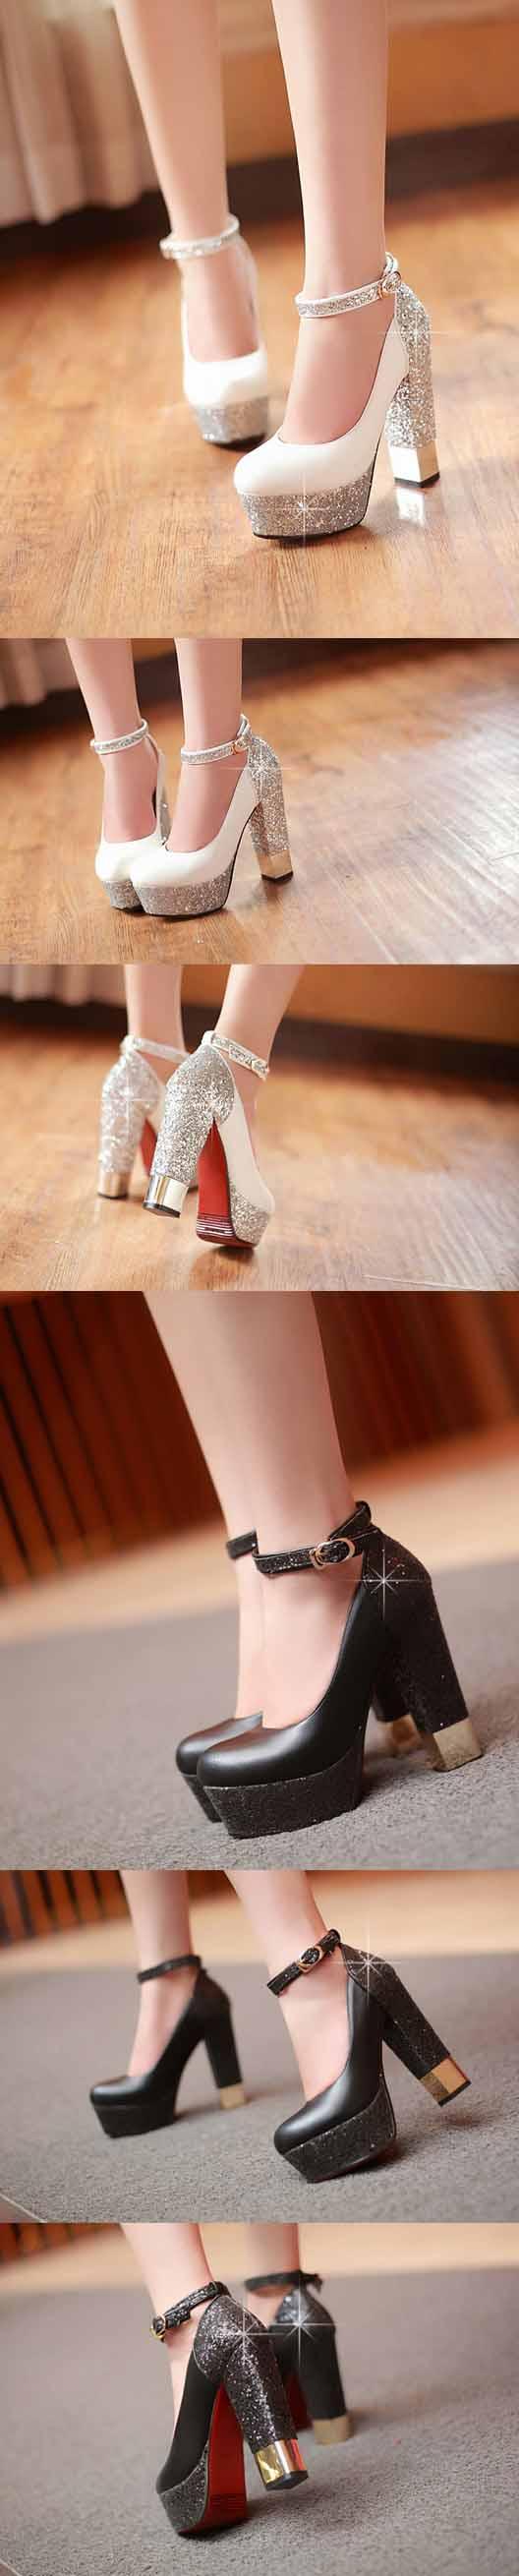 รองเท้าส้นสูง แฟชั่นเกาหลีมีกากเพชรออกงาน นำเข้าไซส์34ถึง38